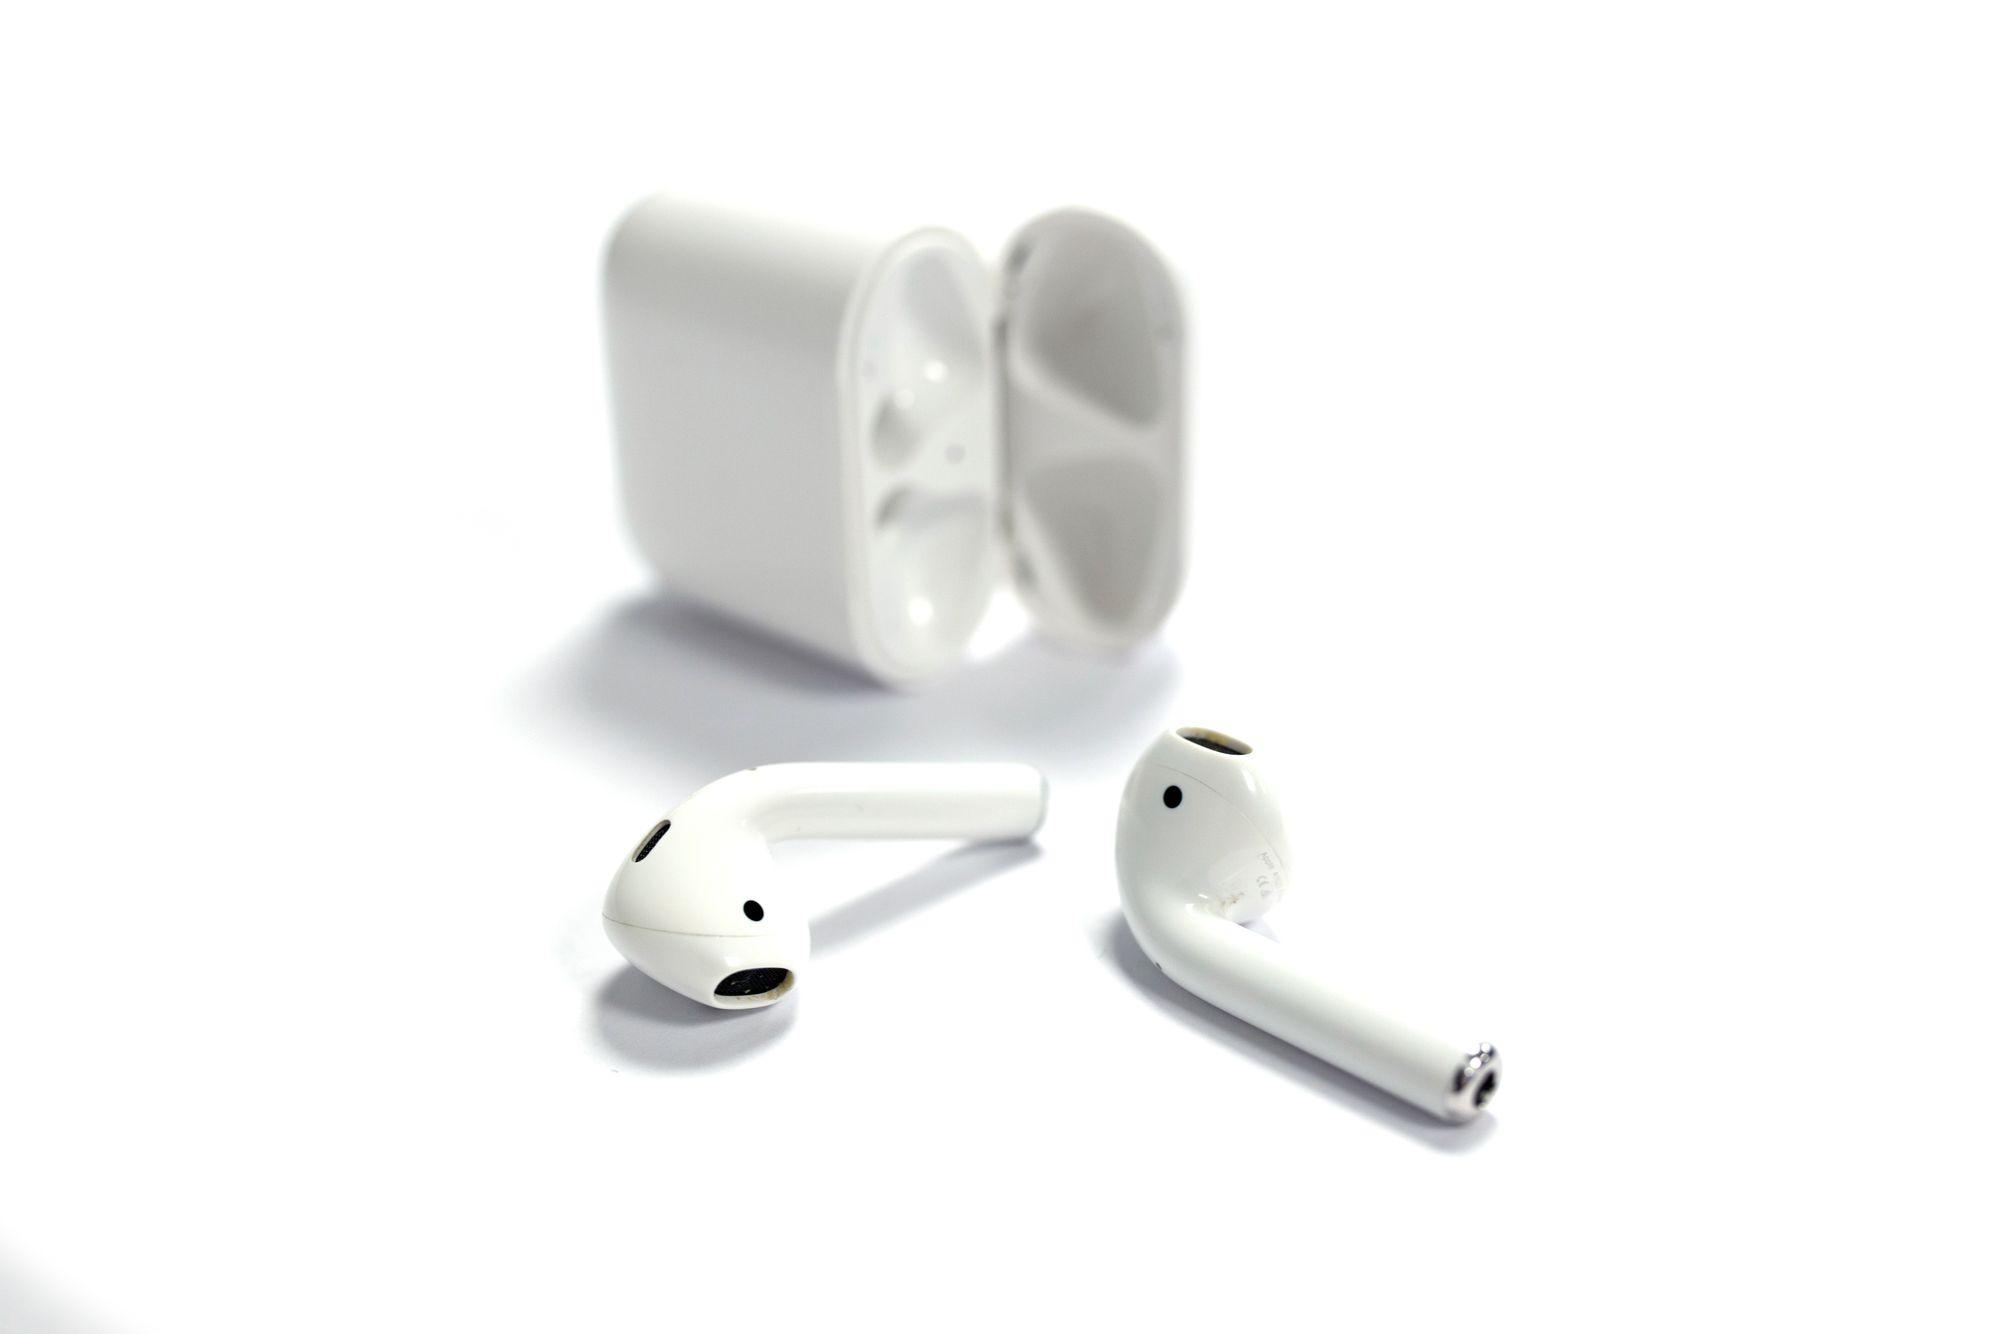 7e8c24b15 Duger trådløse propper både til musikk og samtaler? Vi har testet ...